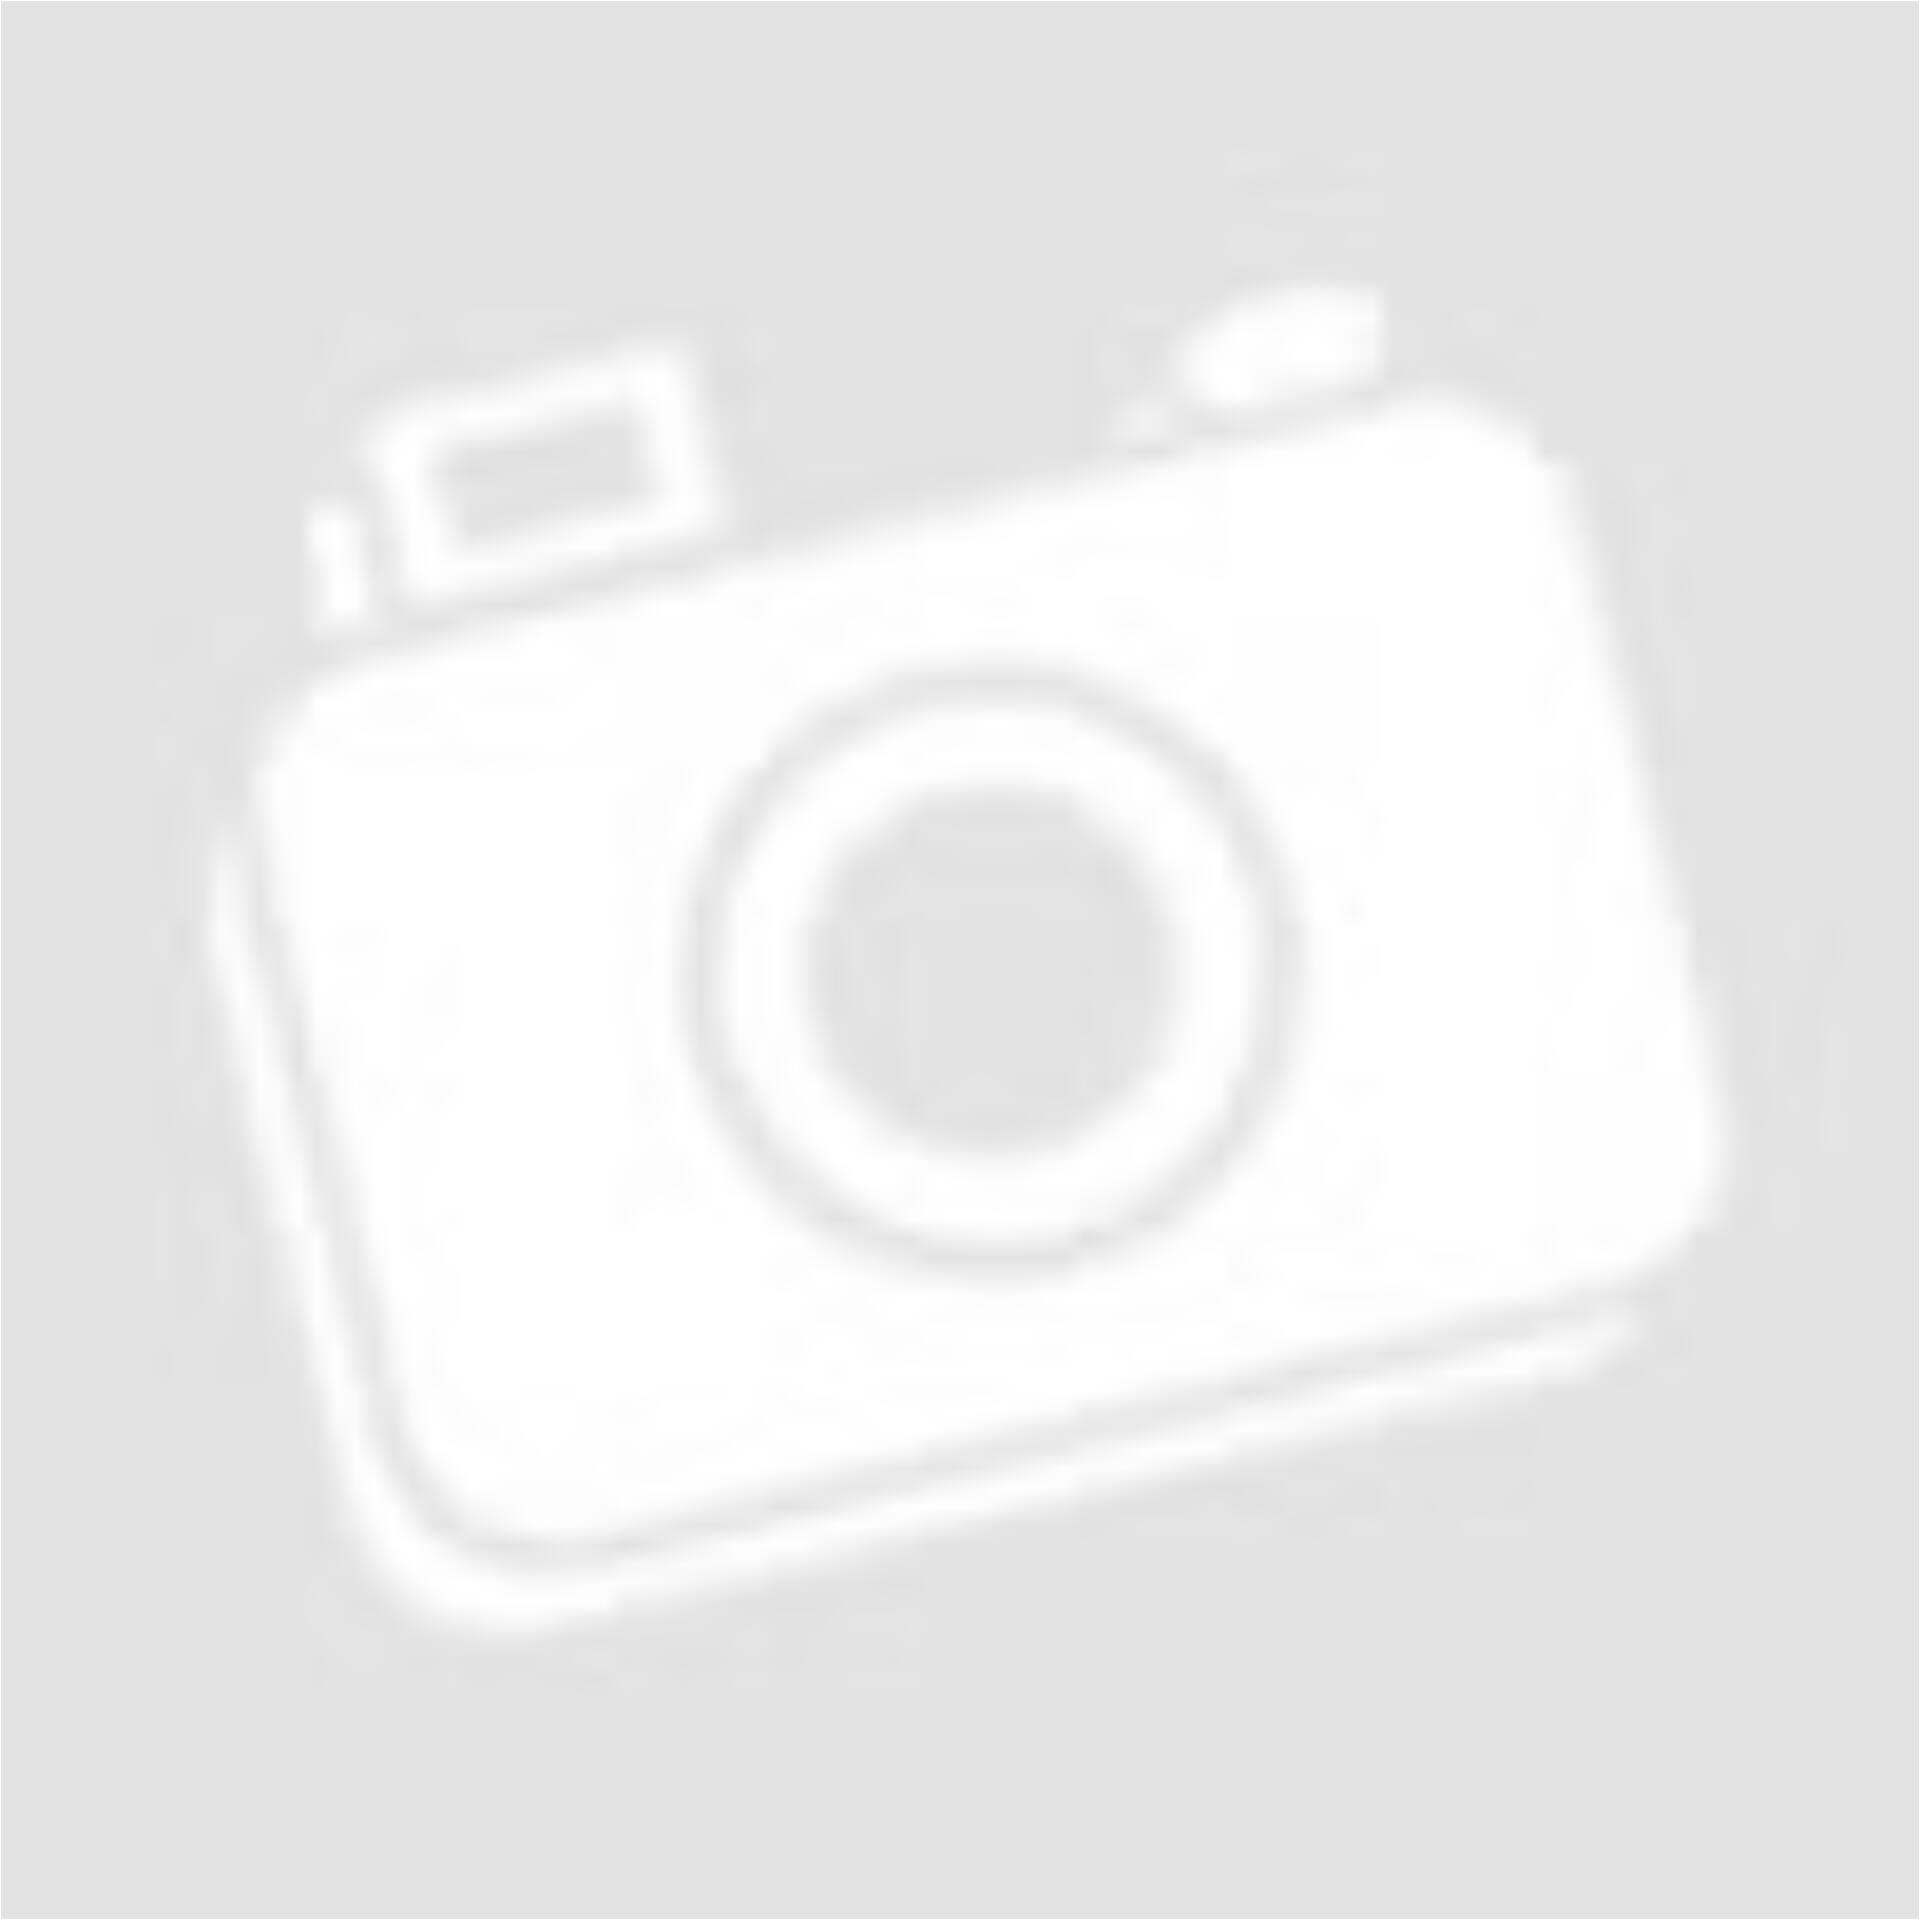 375f264dbd Kép 1/3 - Fehér színű Graceland telitalpú cipő (Méret: 39). Loading zoom. Katt  rá a felnagyításhoz